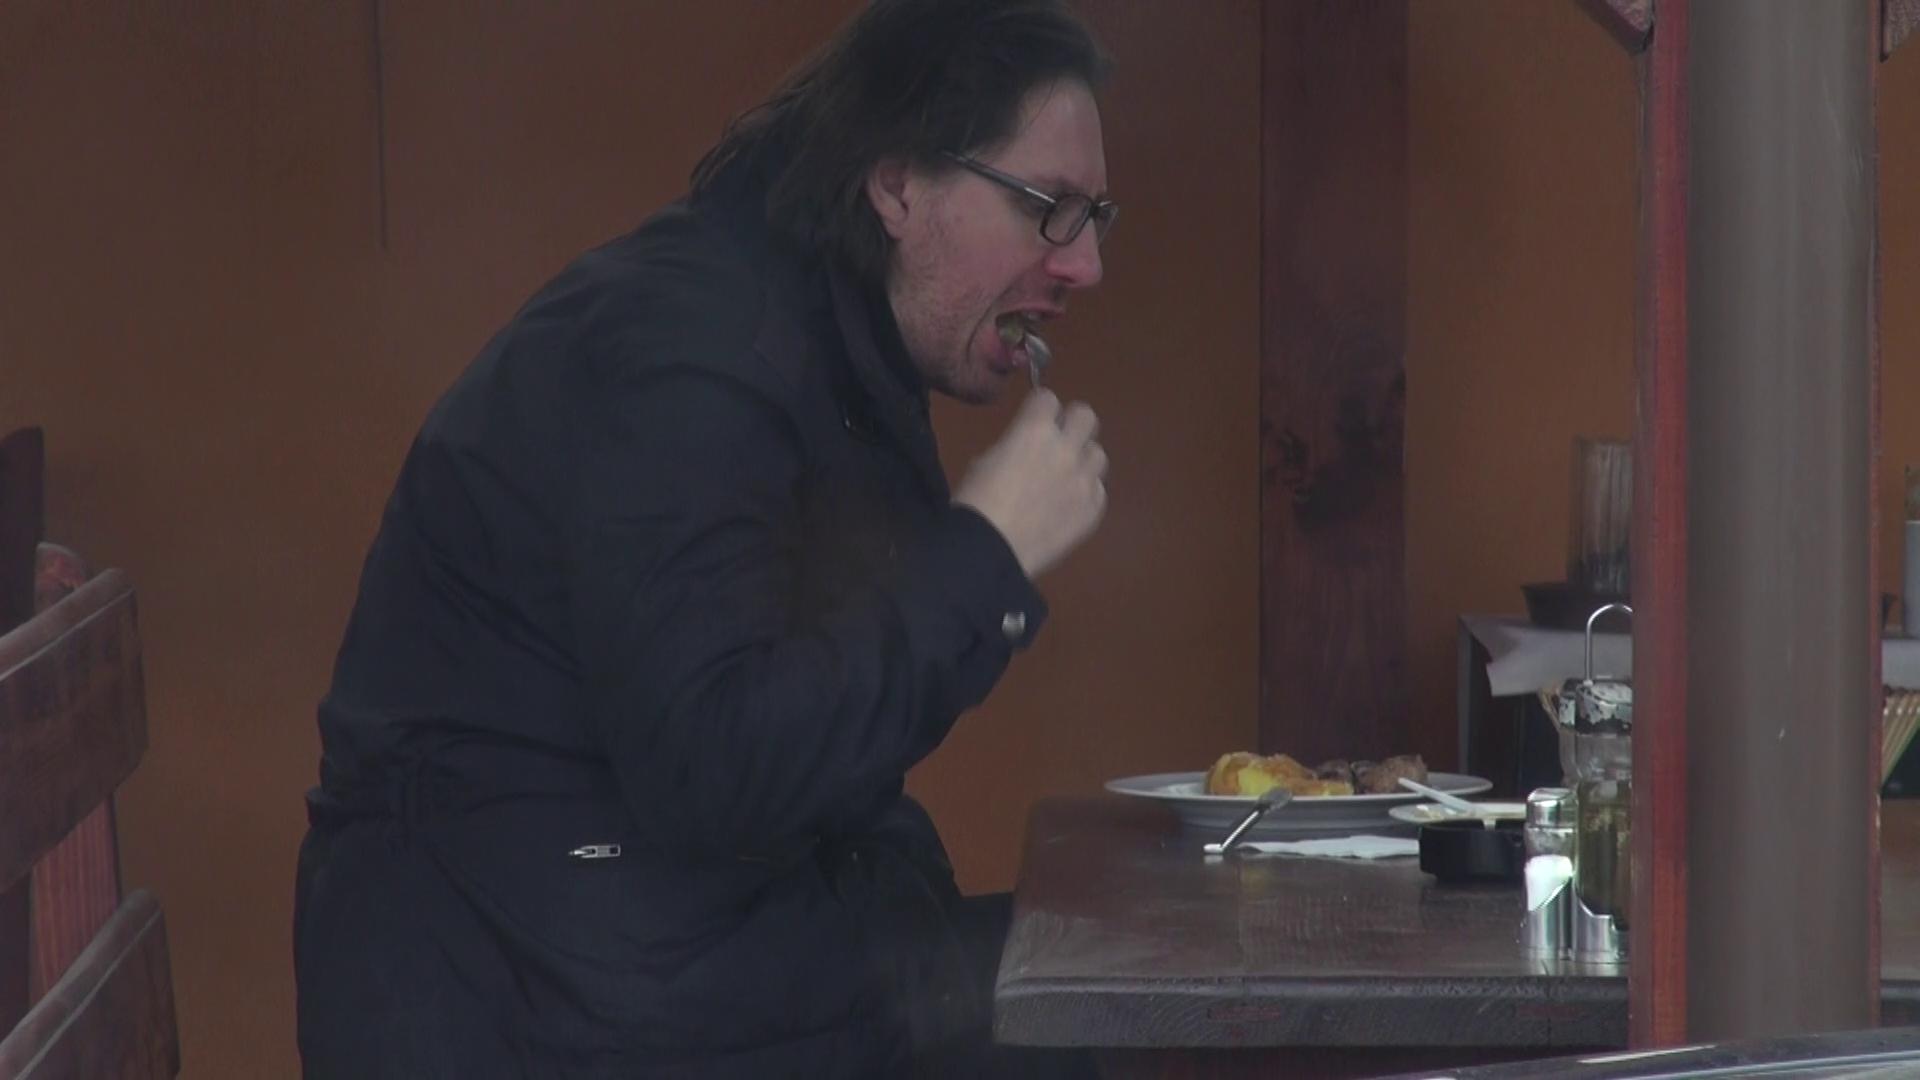 Barbatul a iesit singur la masa